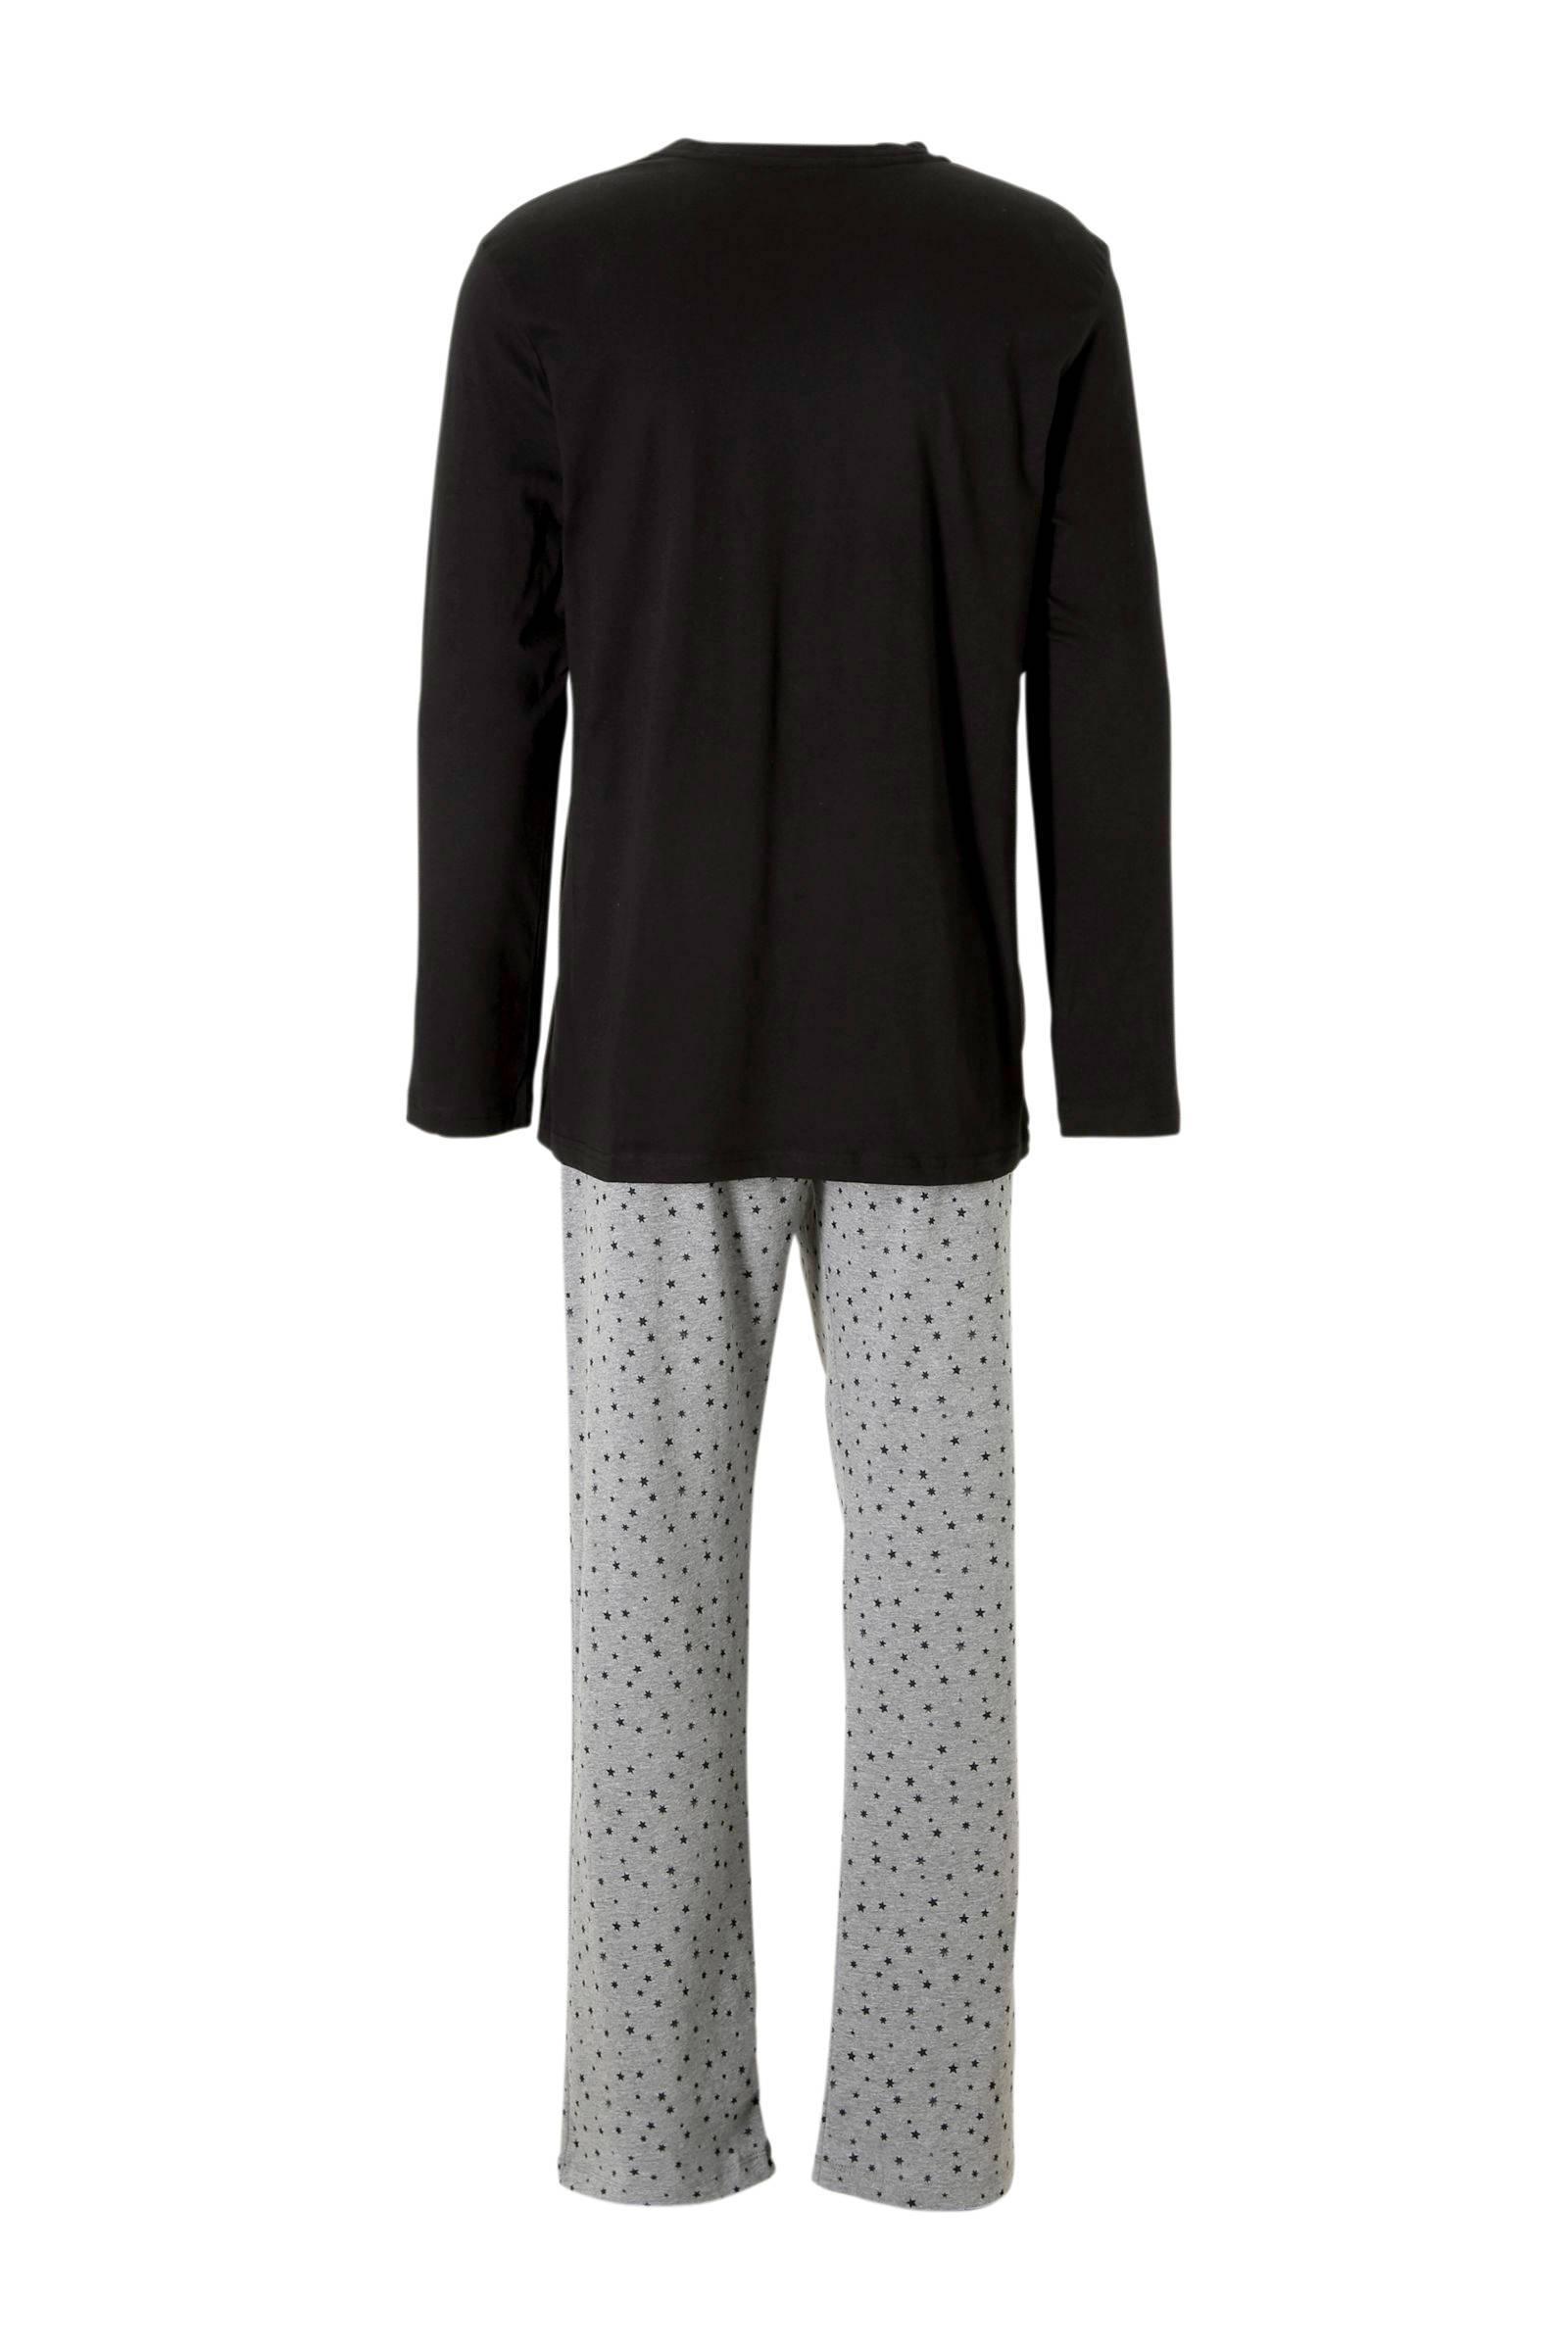 Esprit Men Bodywear Pyjama Met Sterren Blauw in het Zwart voor heren